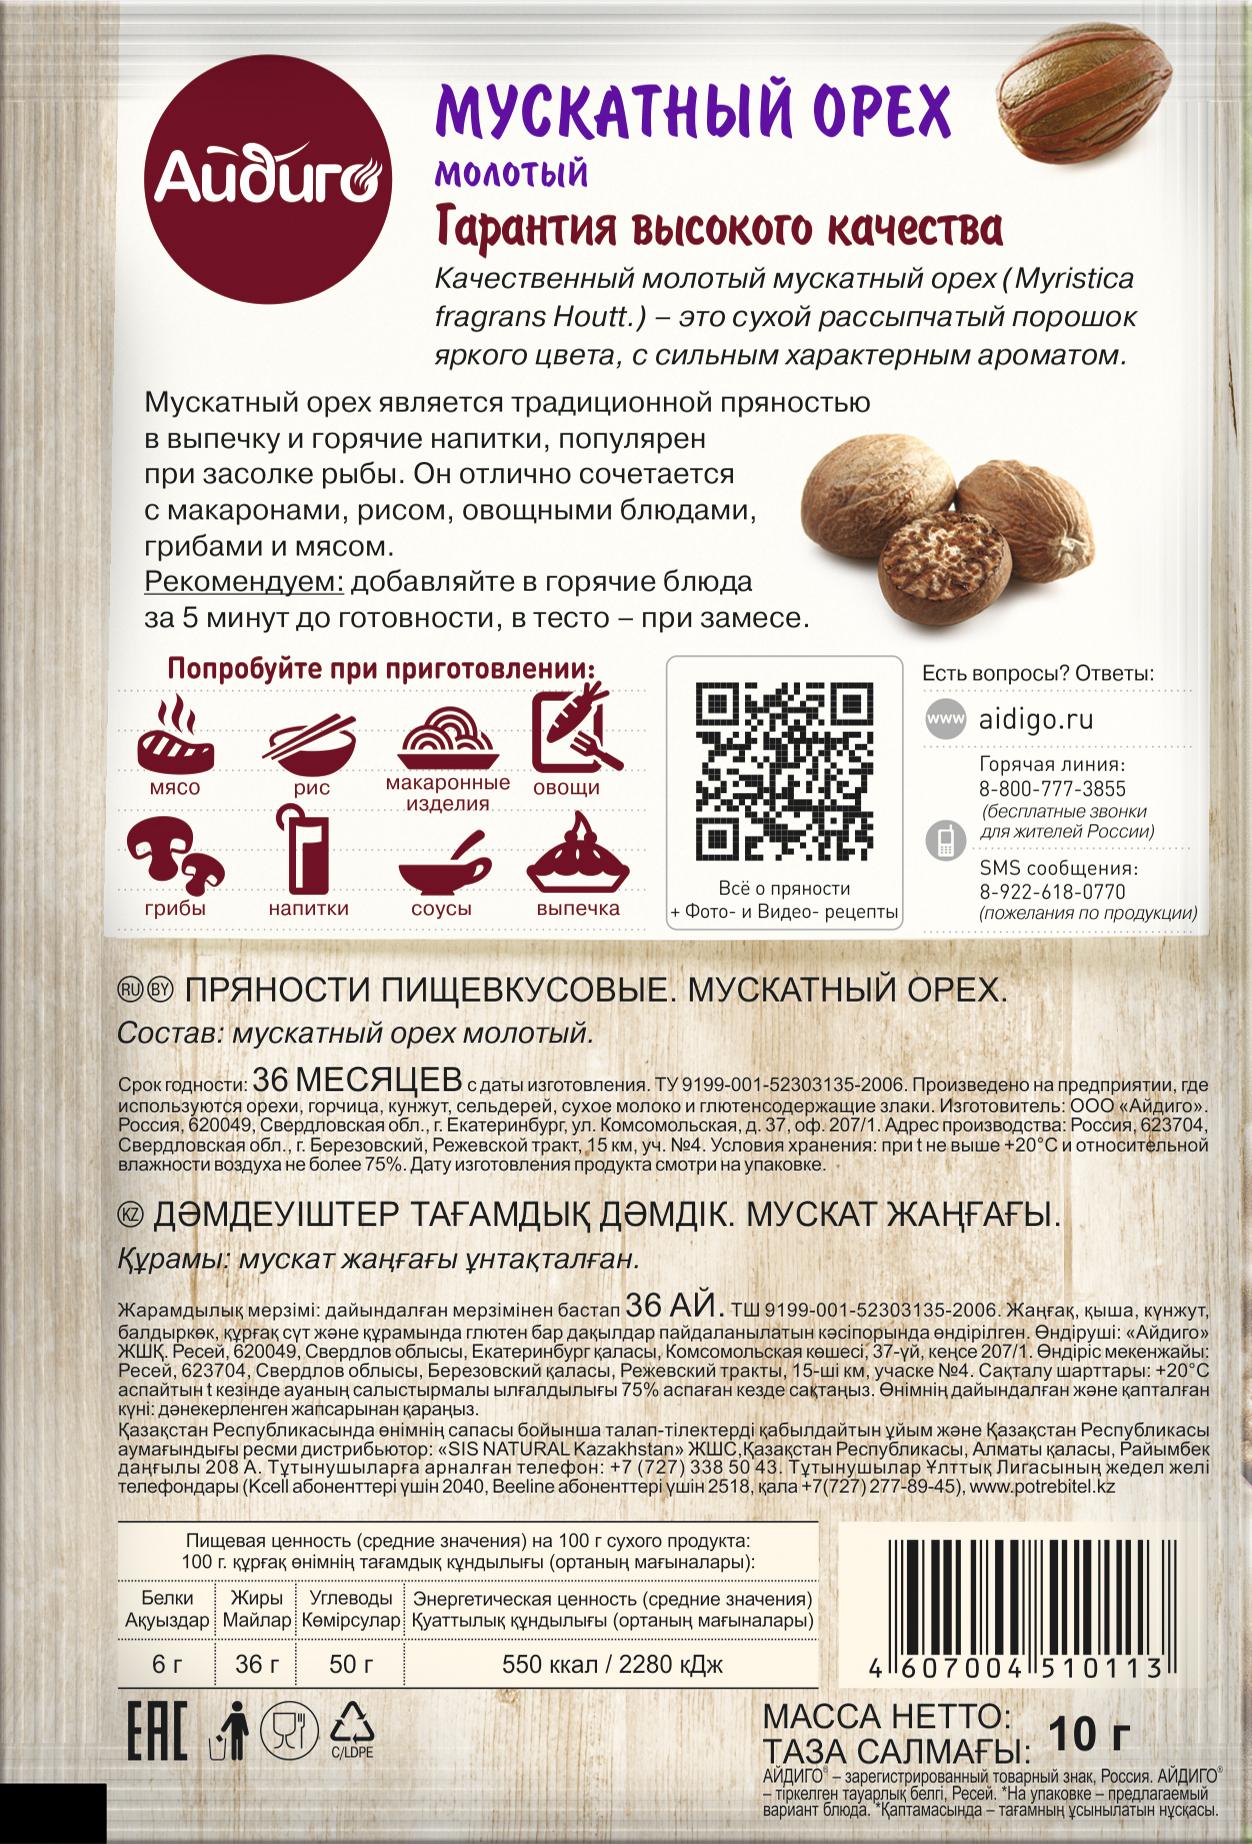 Мускатный орех: полезные свойства и противопоказания, как выглядит и растет, куда добавляют и чем заменить, применение (в кулинарии, для женщин), молотый